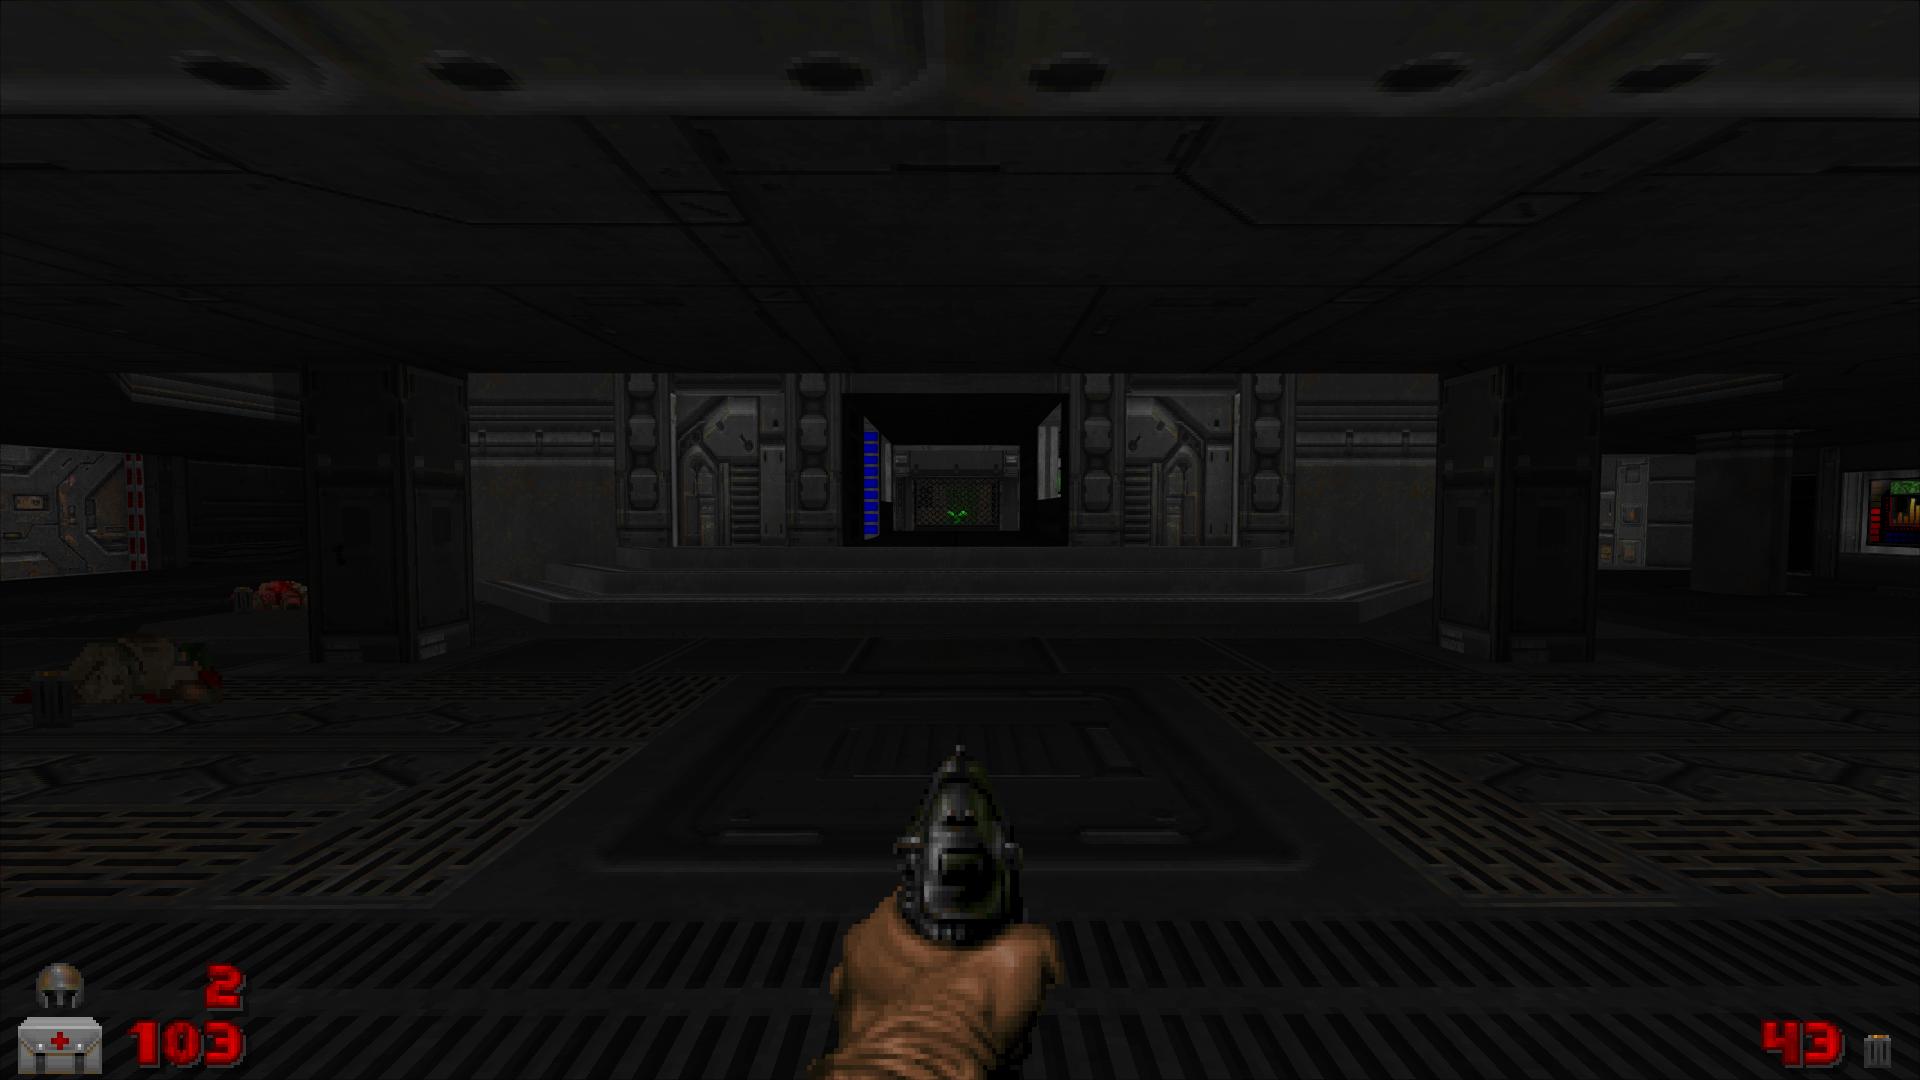 Screenshot_Doom_20190706_134727.png.0e20efb32a7a9c9cb2a80f6ceeeaf99b.png